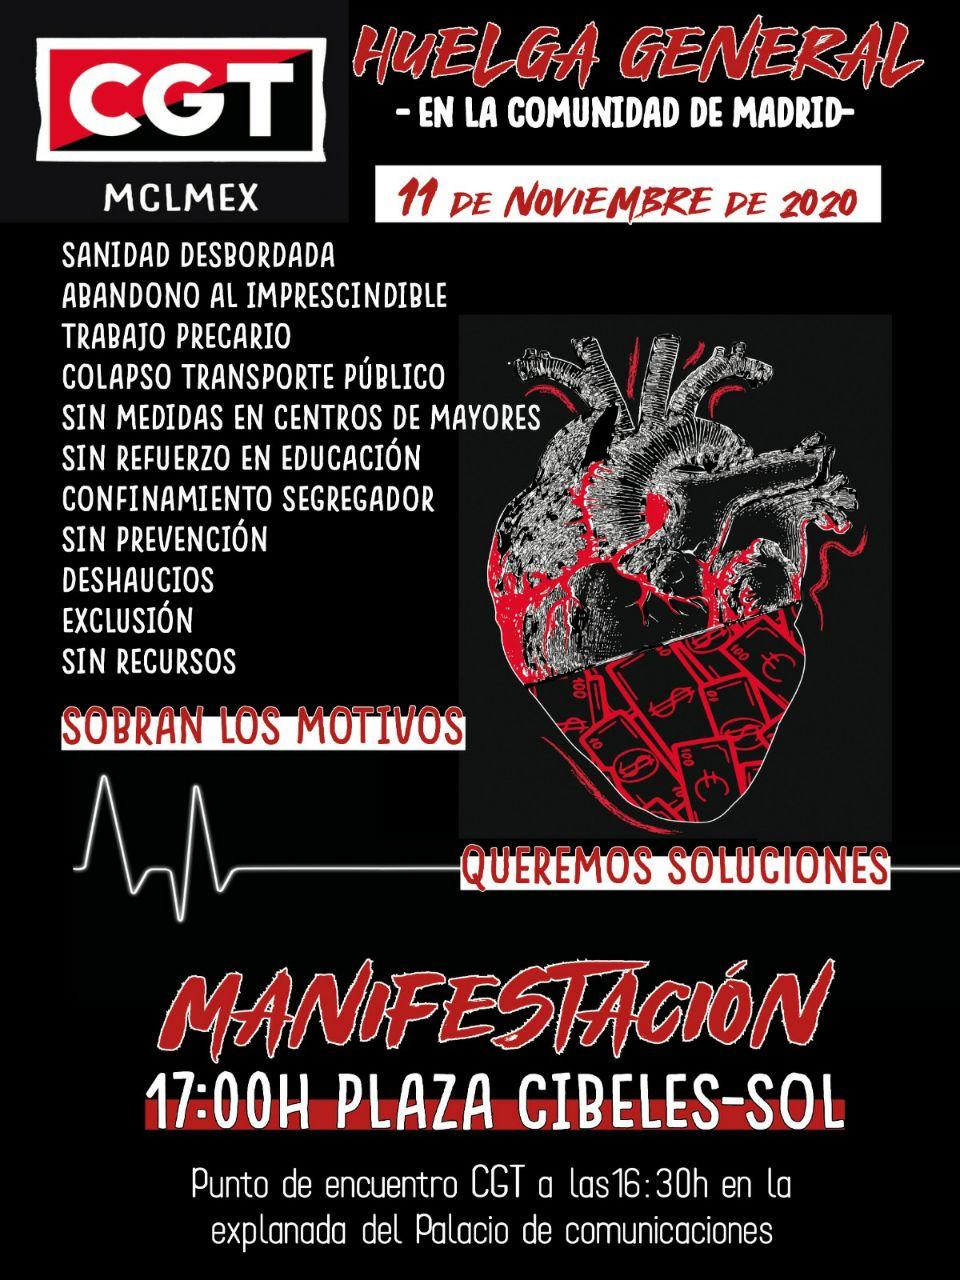 Manifestacion miércoles 11 de noviembre a las 17:00 horas. De Cibeles a Sol.